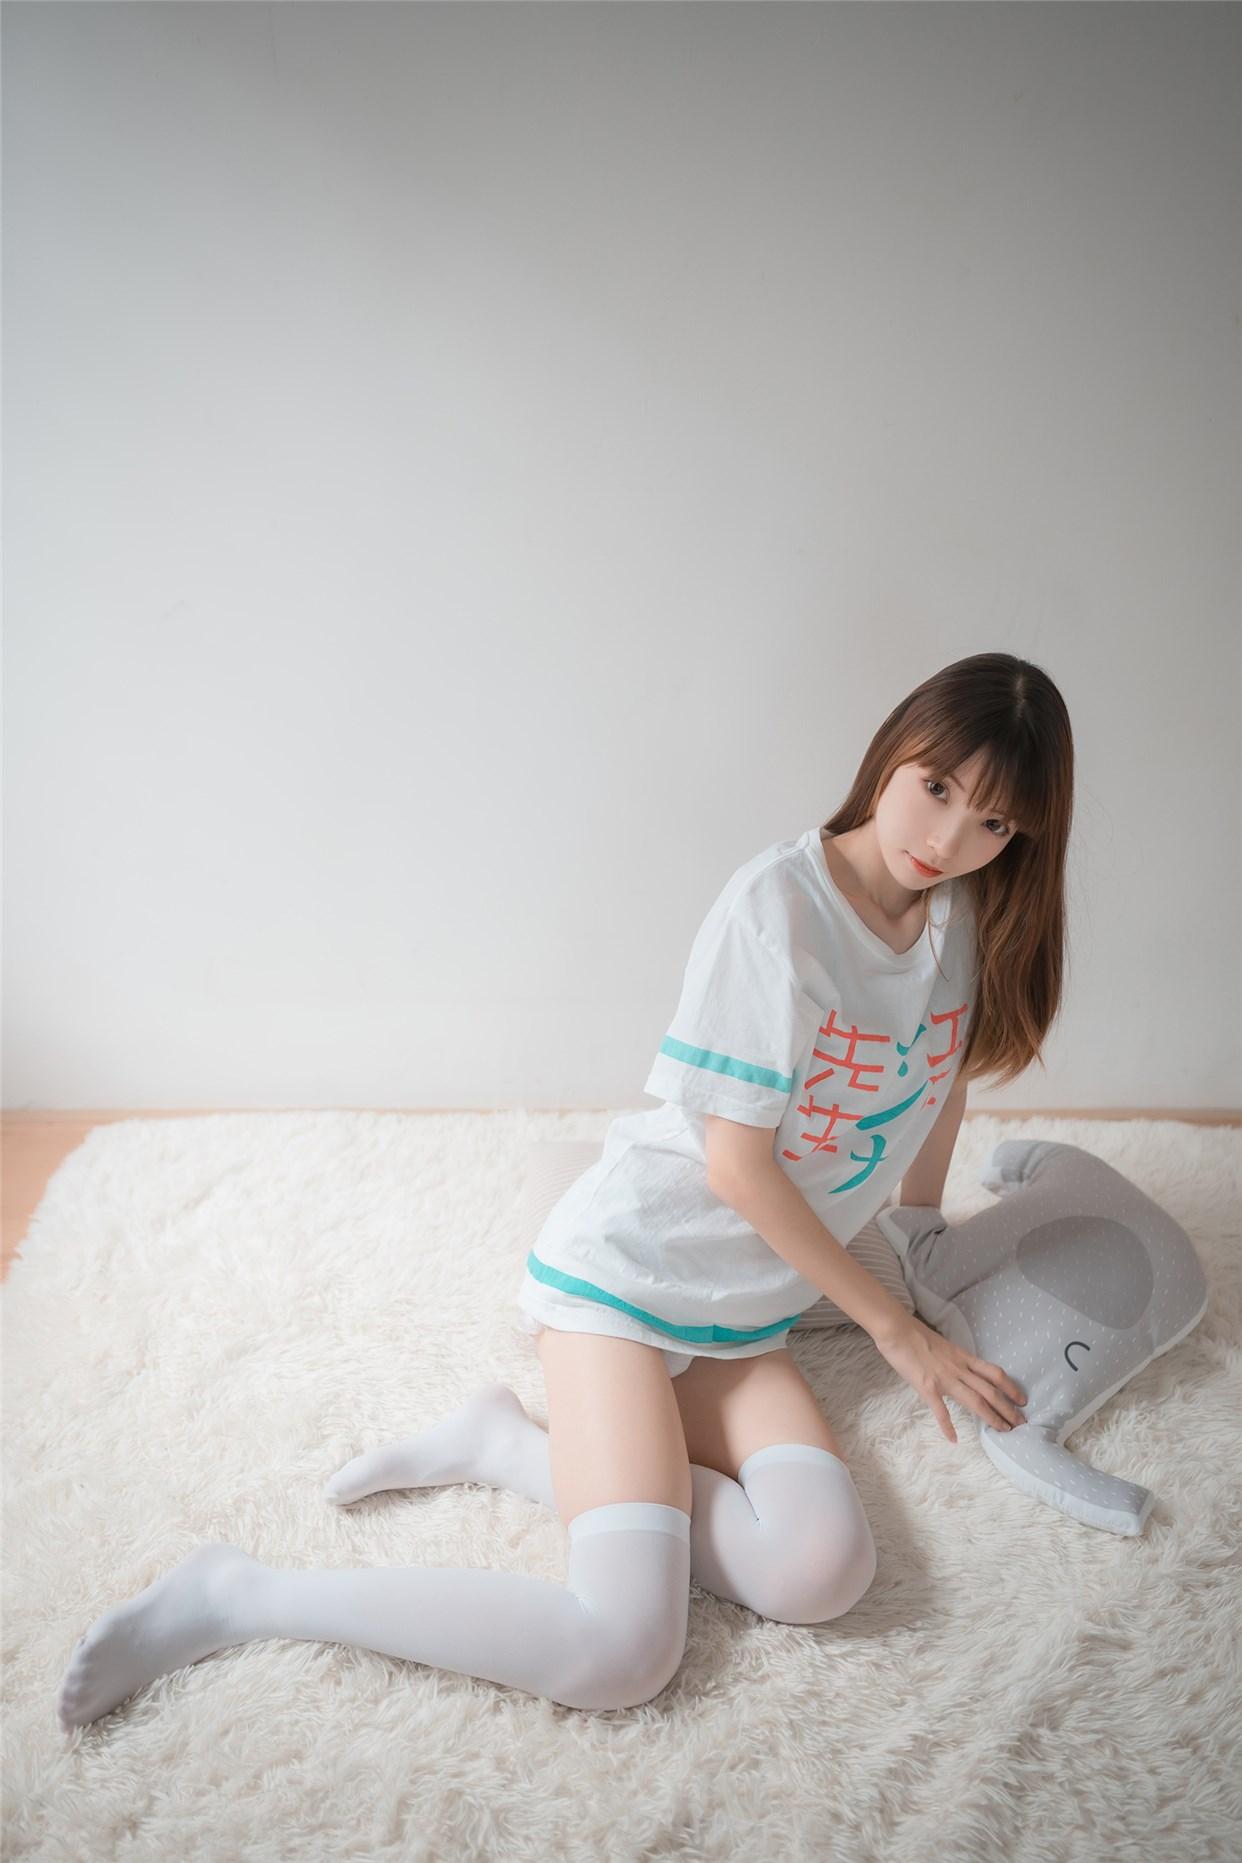 【兔玩映画】我女朋友不可能这么可爱! 兔玩映画 第20张